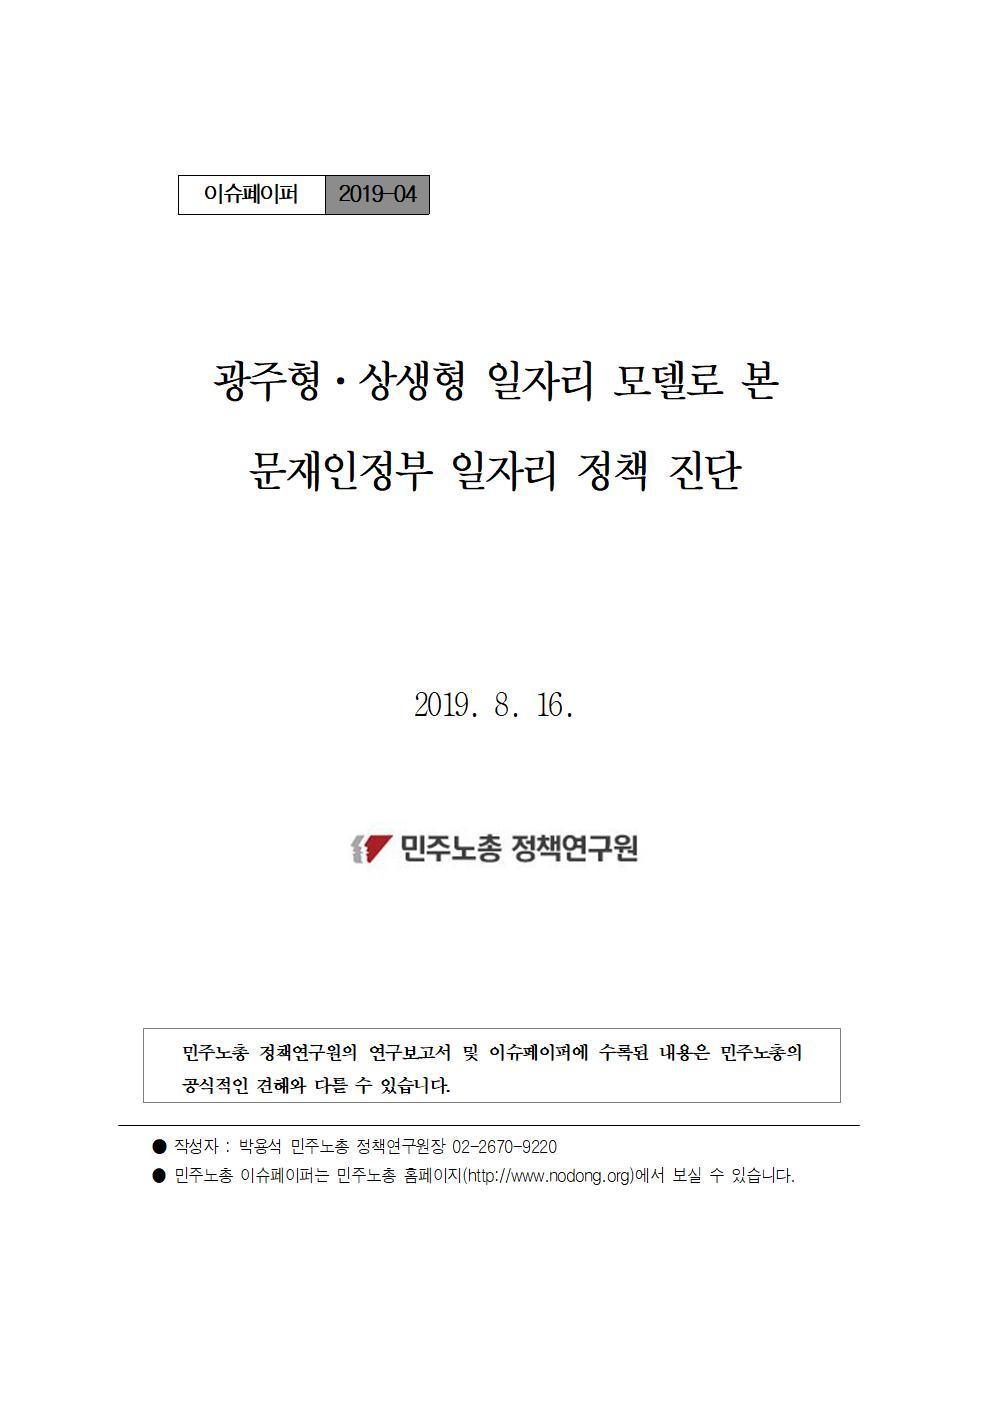 [정책연구원이슈페이퍼 2019_04]광주형일자리_일자리정책_평가(표지)001.jpg